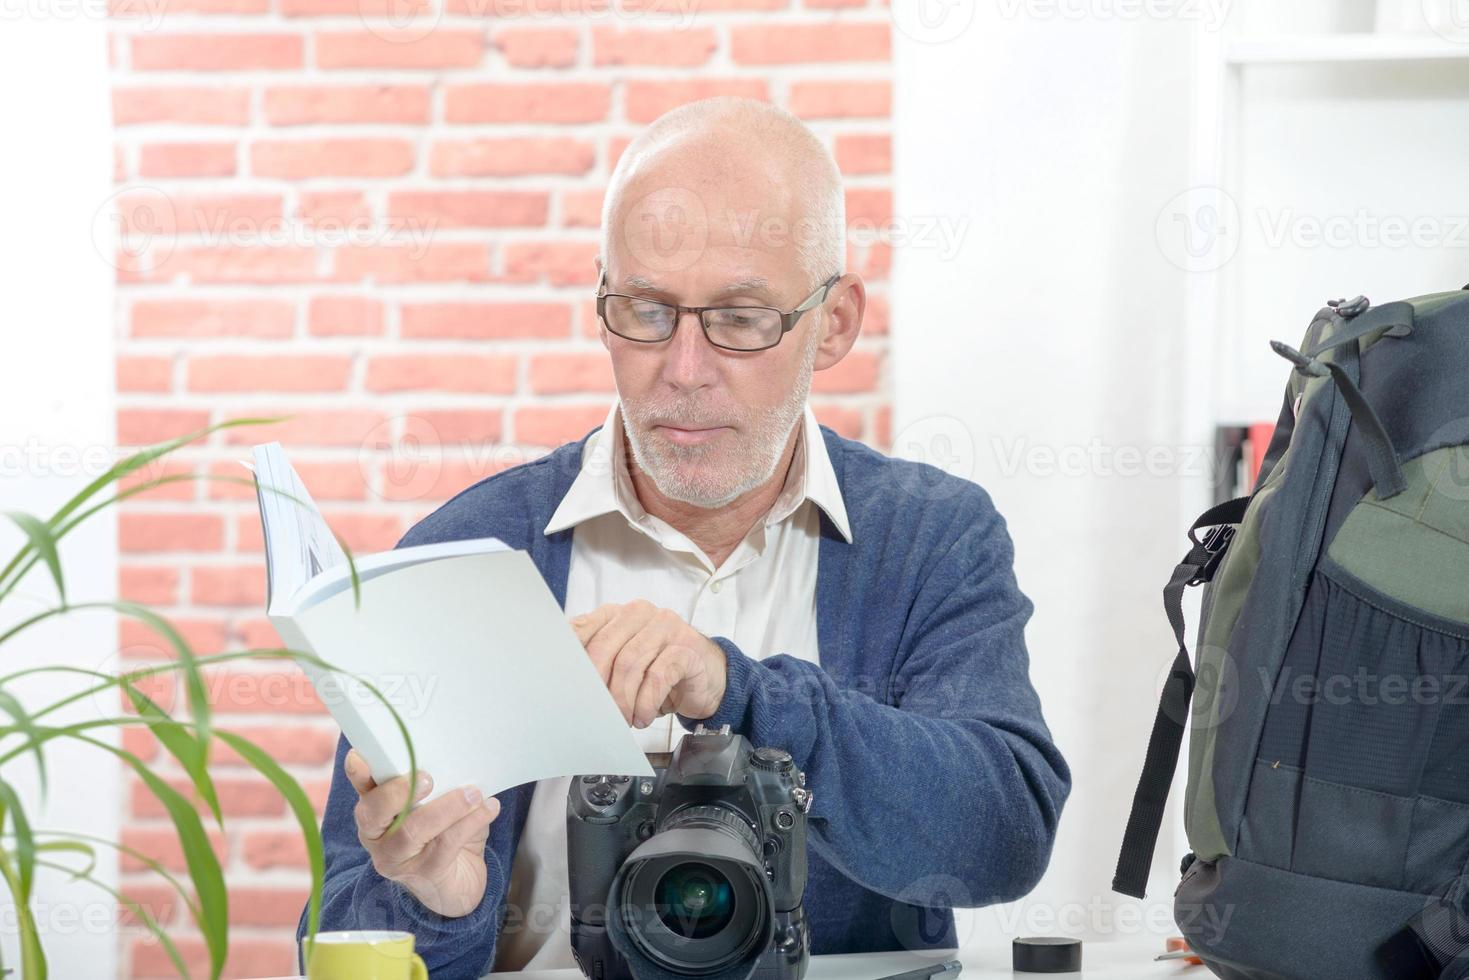 fotografo con la macchina fotografica e avviso foto